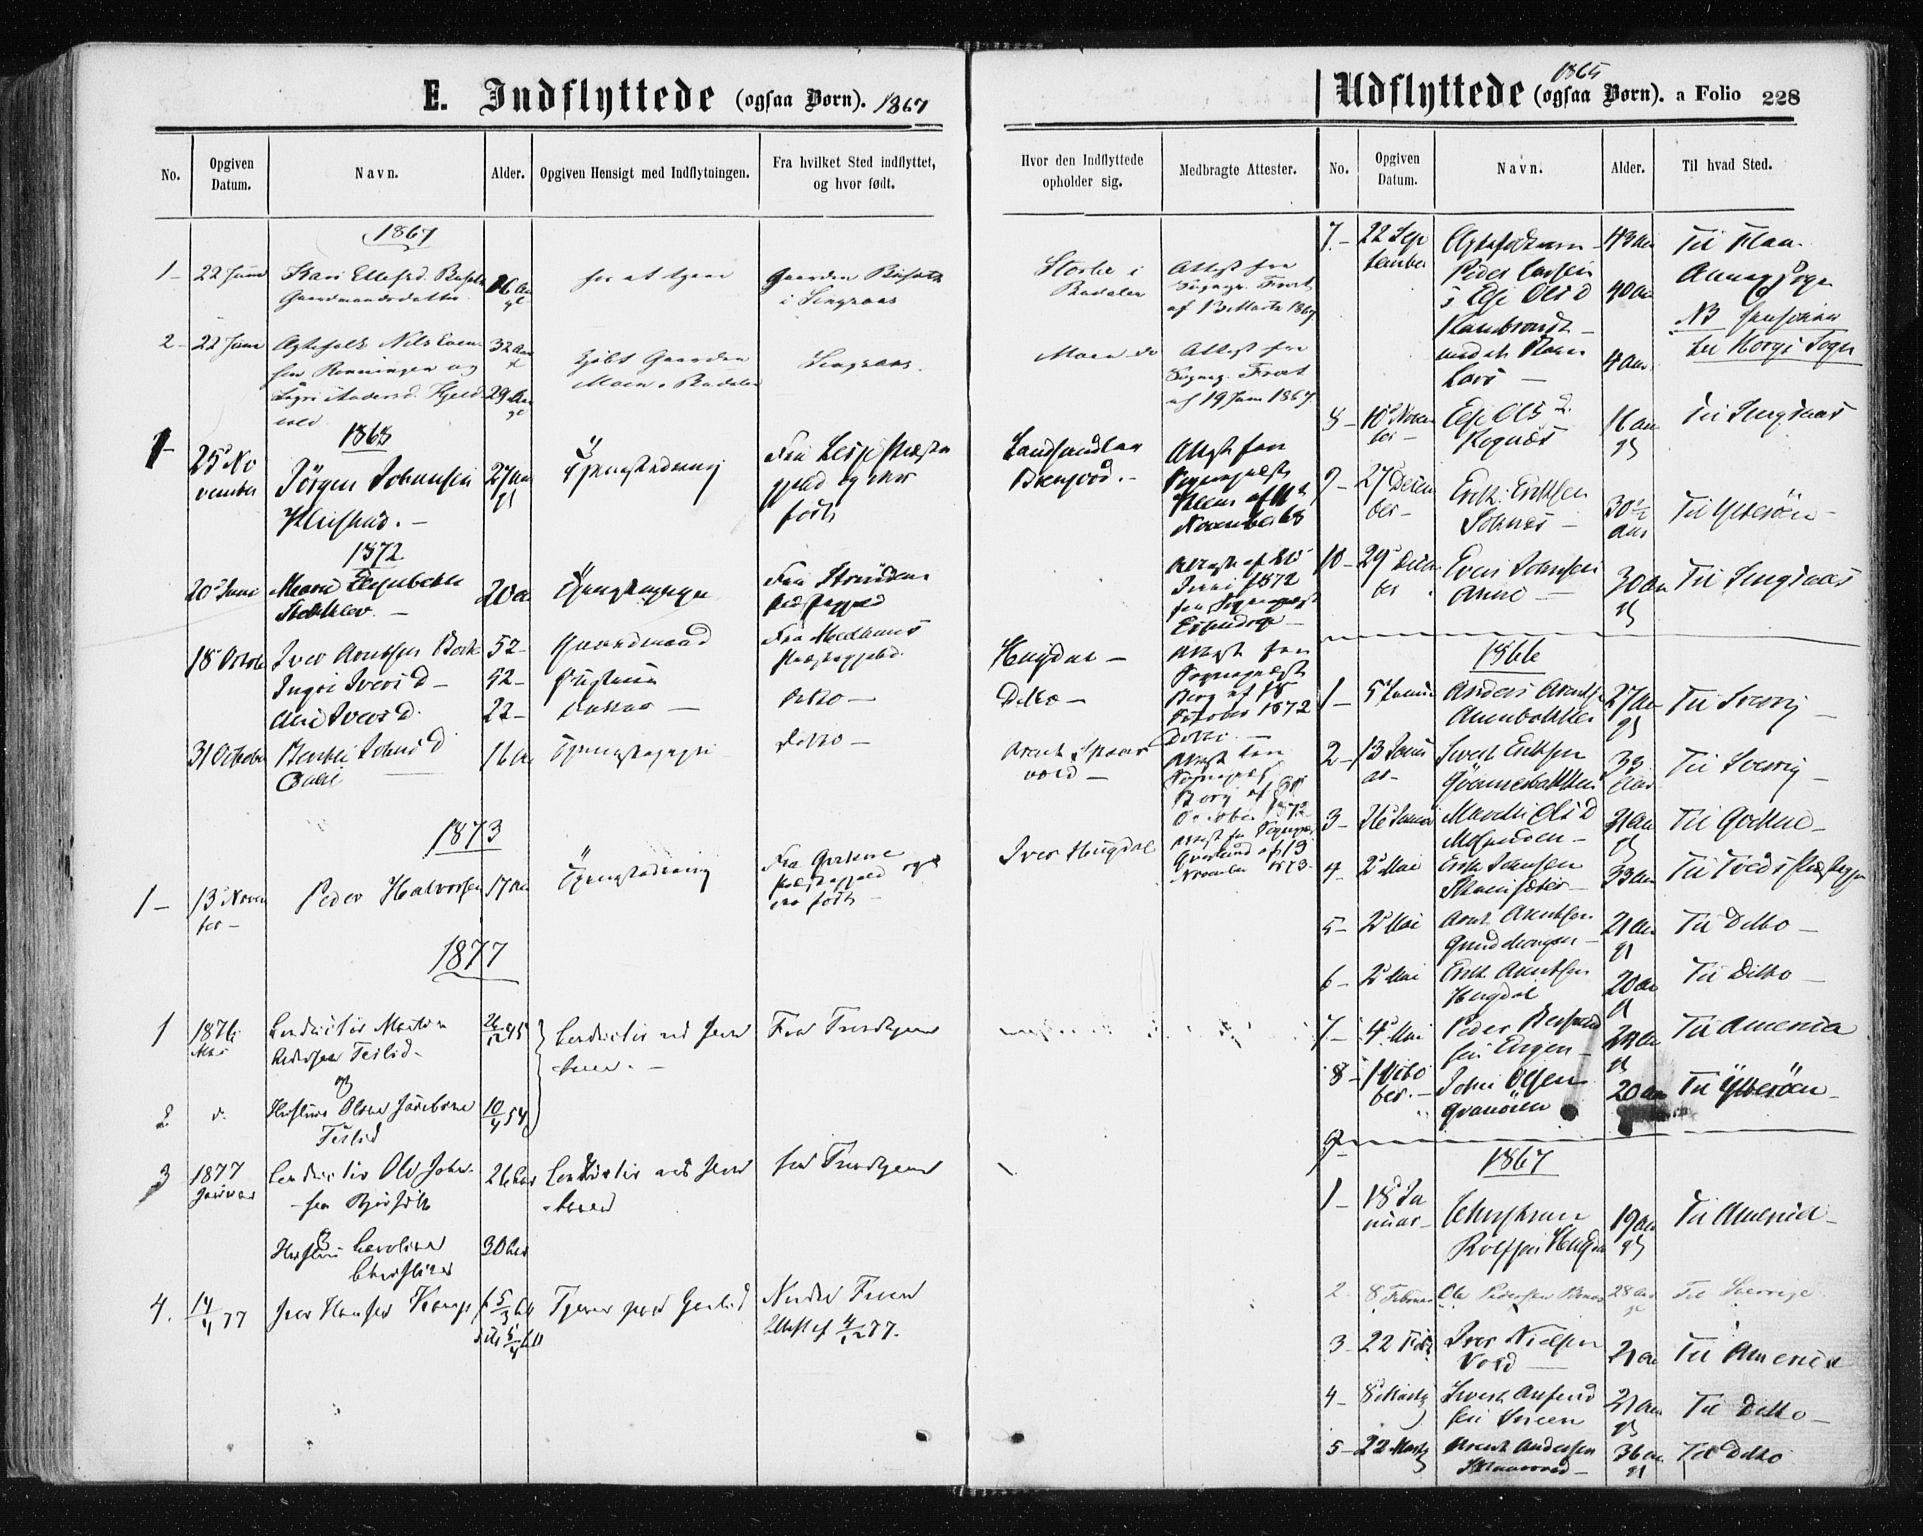 SAT, Ministerialprotokoller, klokkerbøker og fødselsregistre - Sør-Trøndelag, 687/L1001: Ministerialbok nr. 687A07, 1863-1878, s. 228